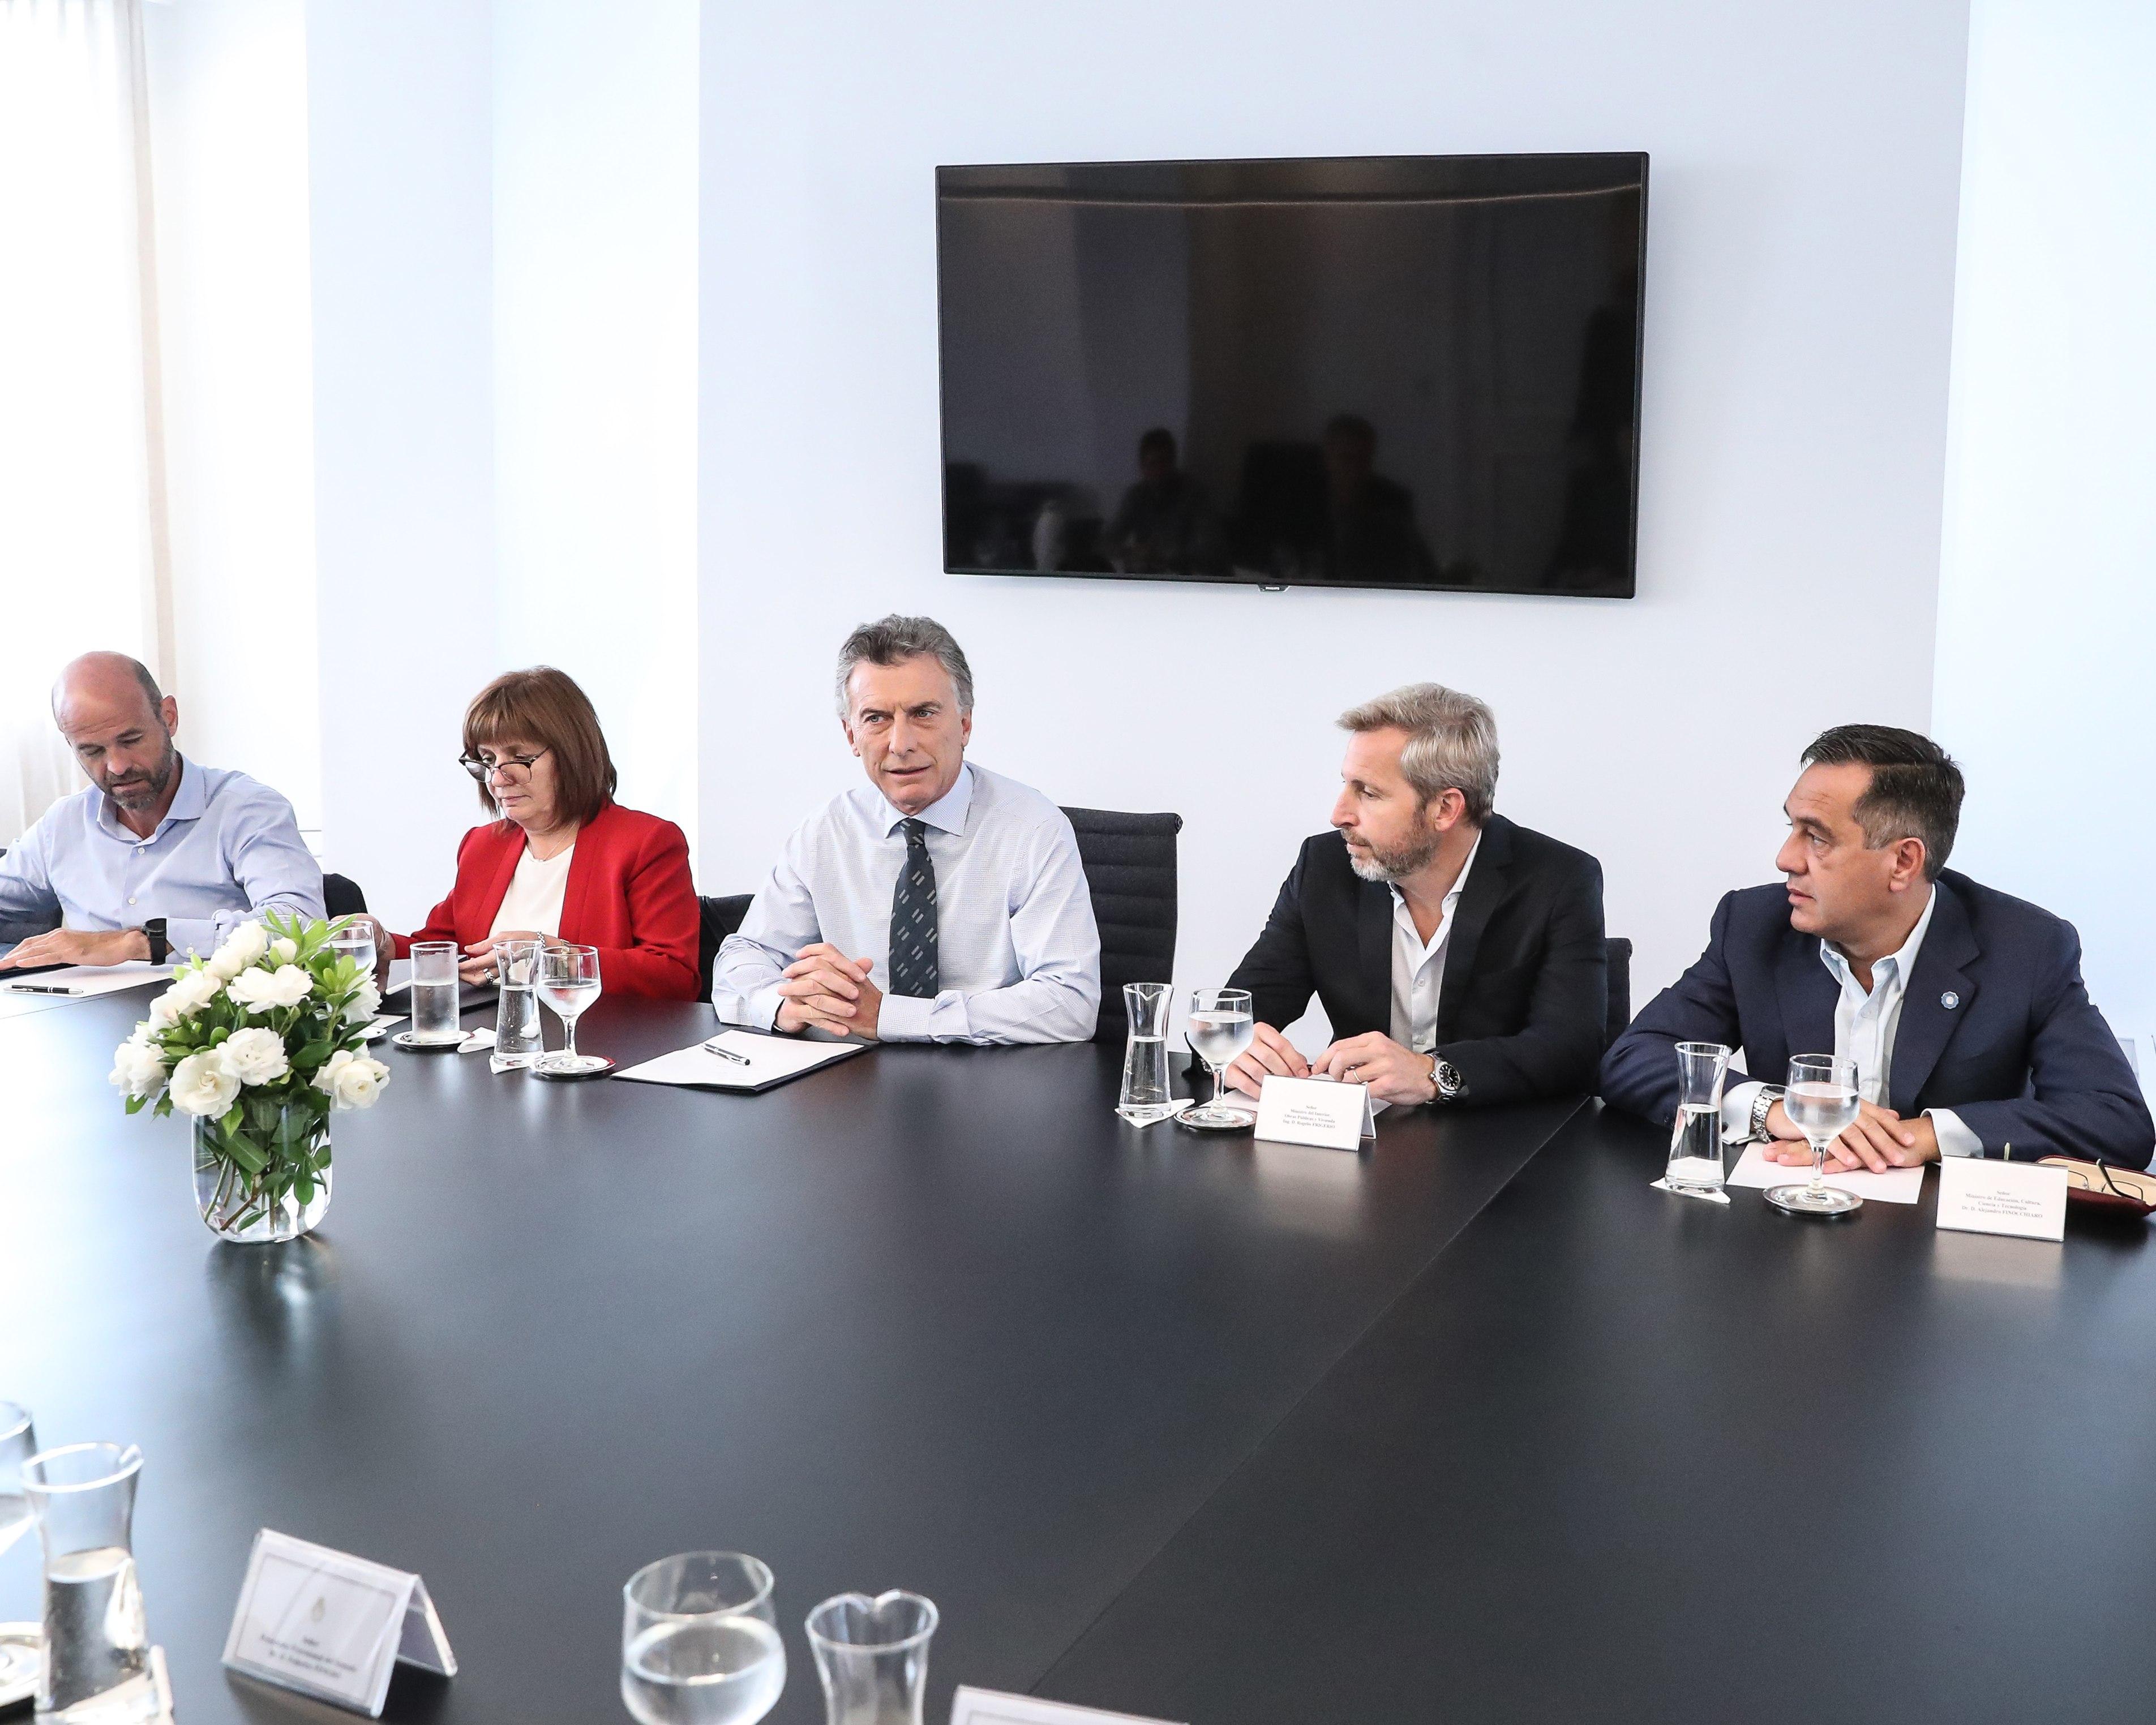 Tras un jueves intenso, Macri cerrará la semana con reuniones en Olivos